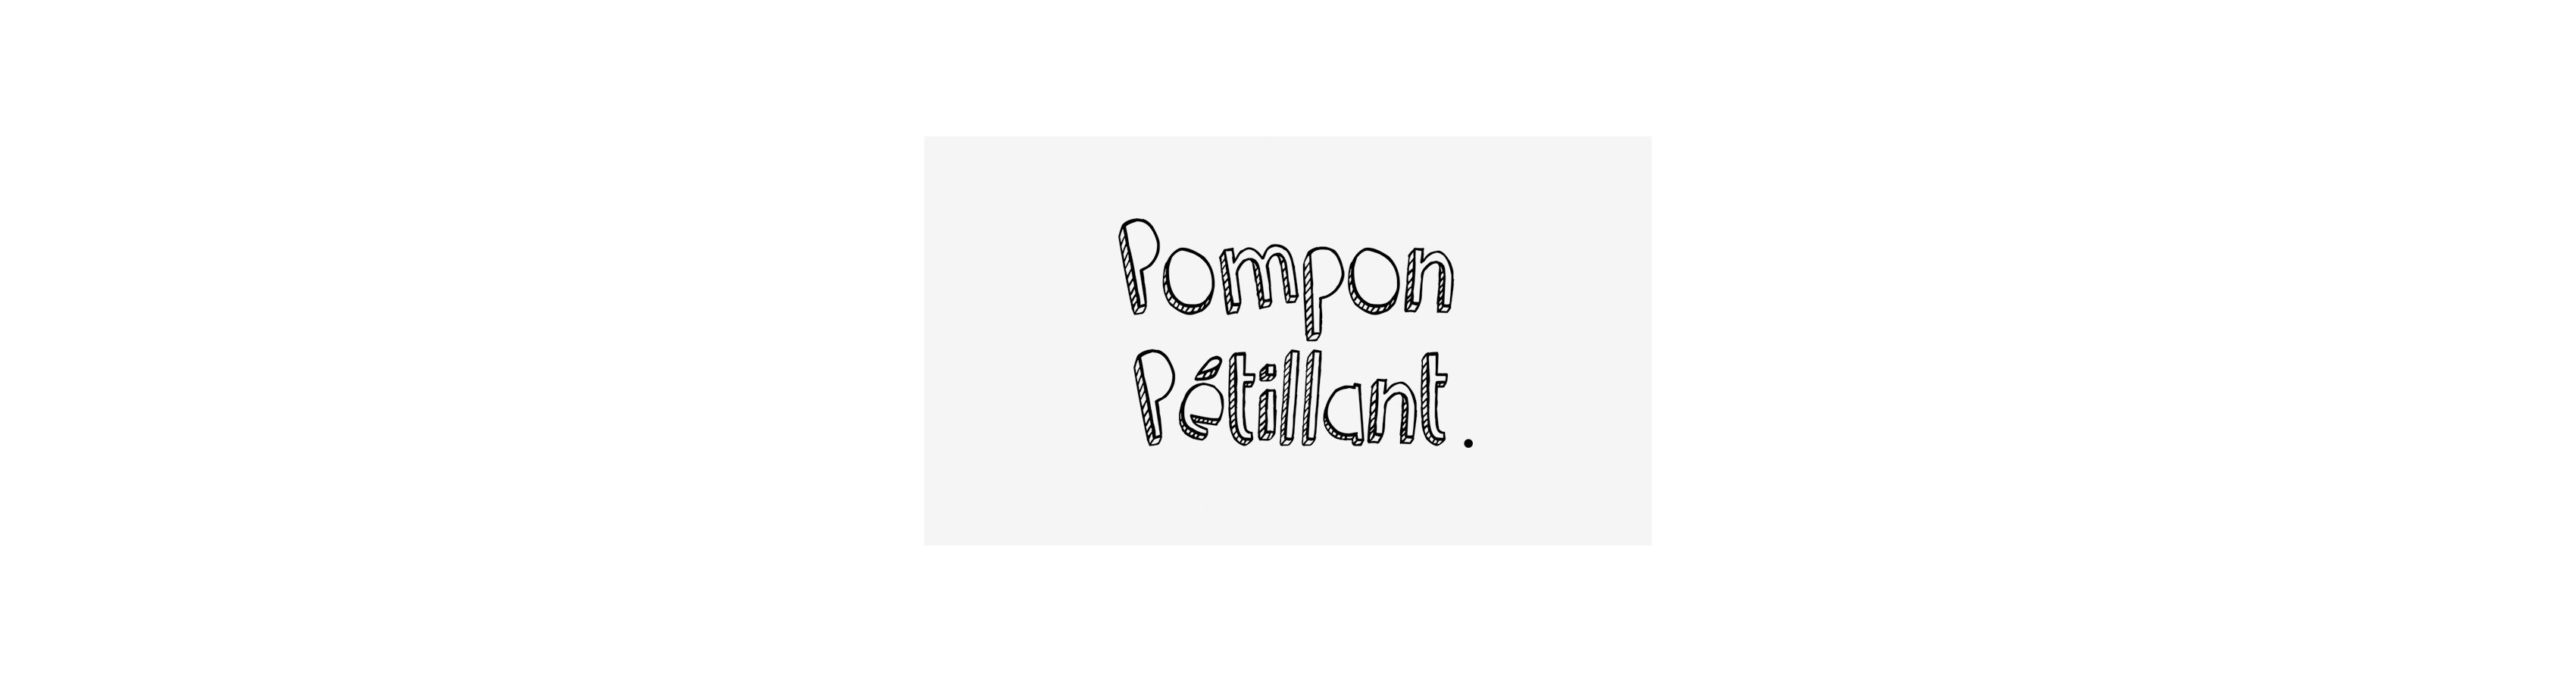 Pompon pétillant - boutique lyonnaise